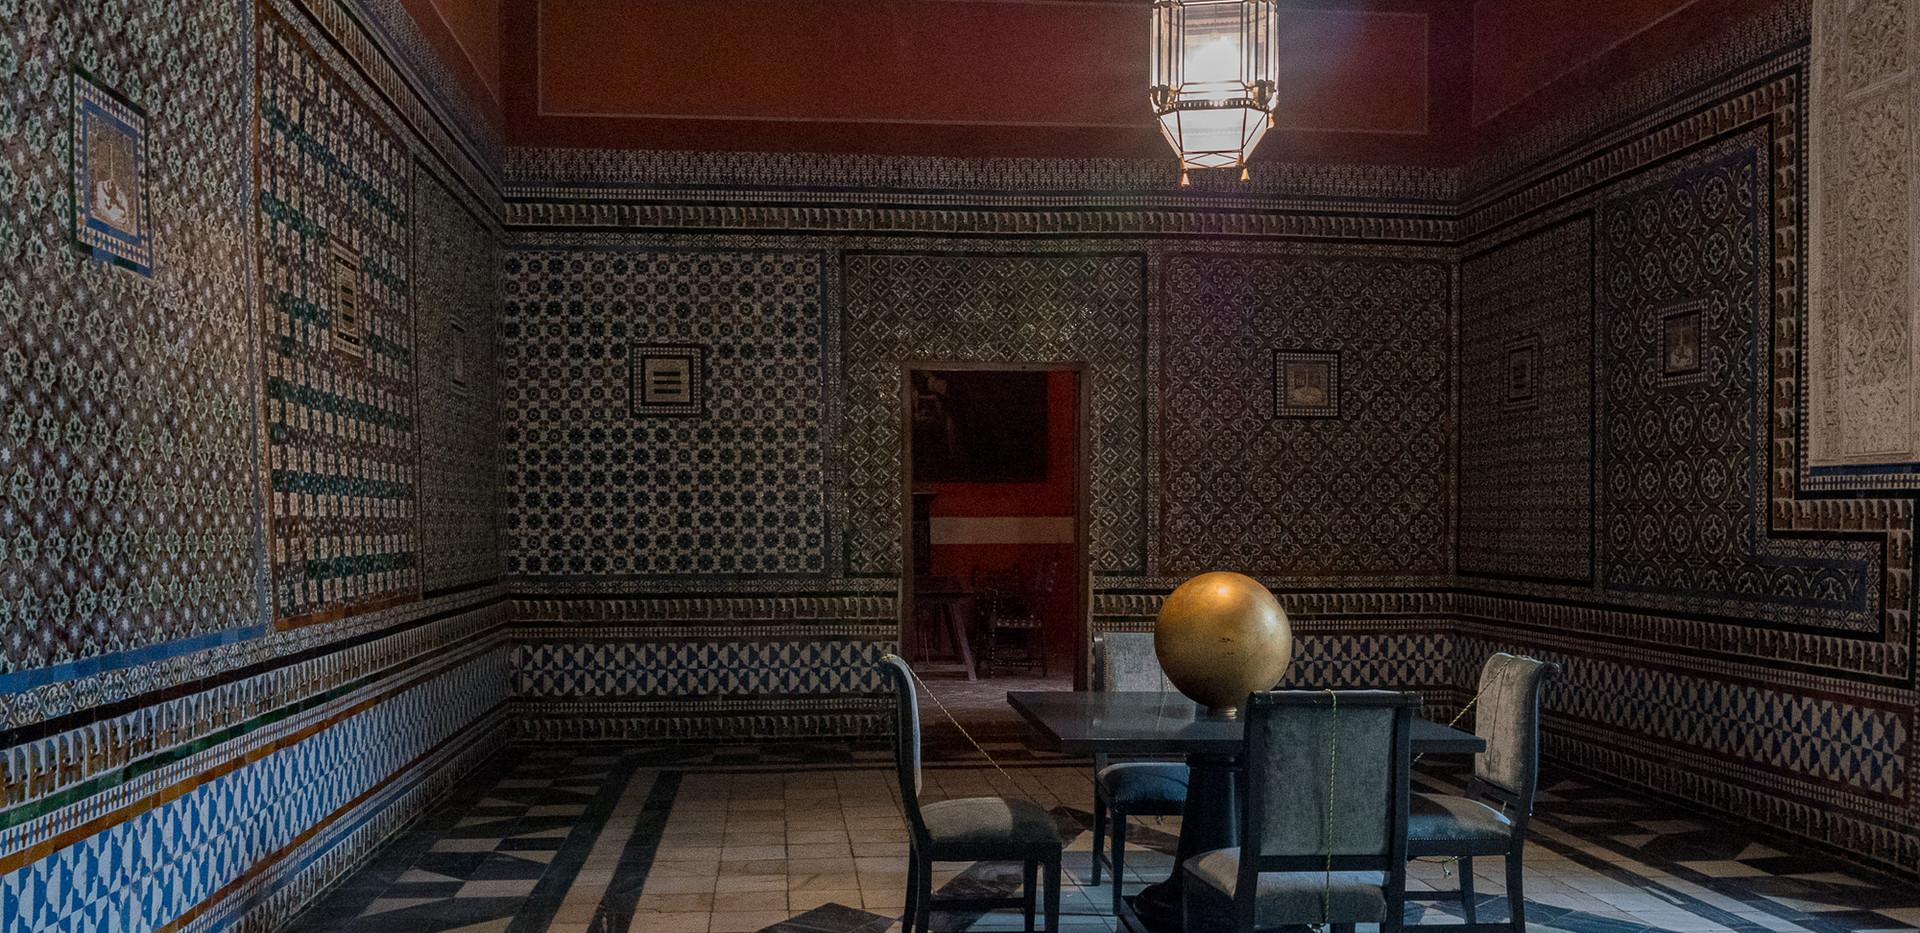 Seville-16.jpg